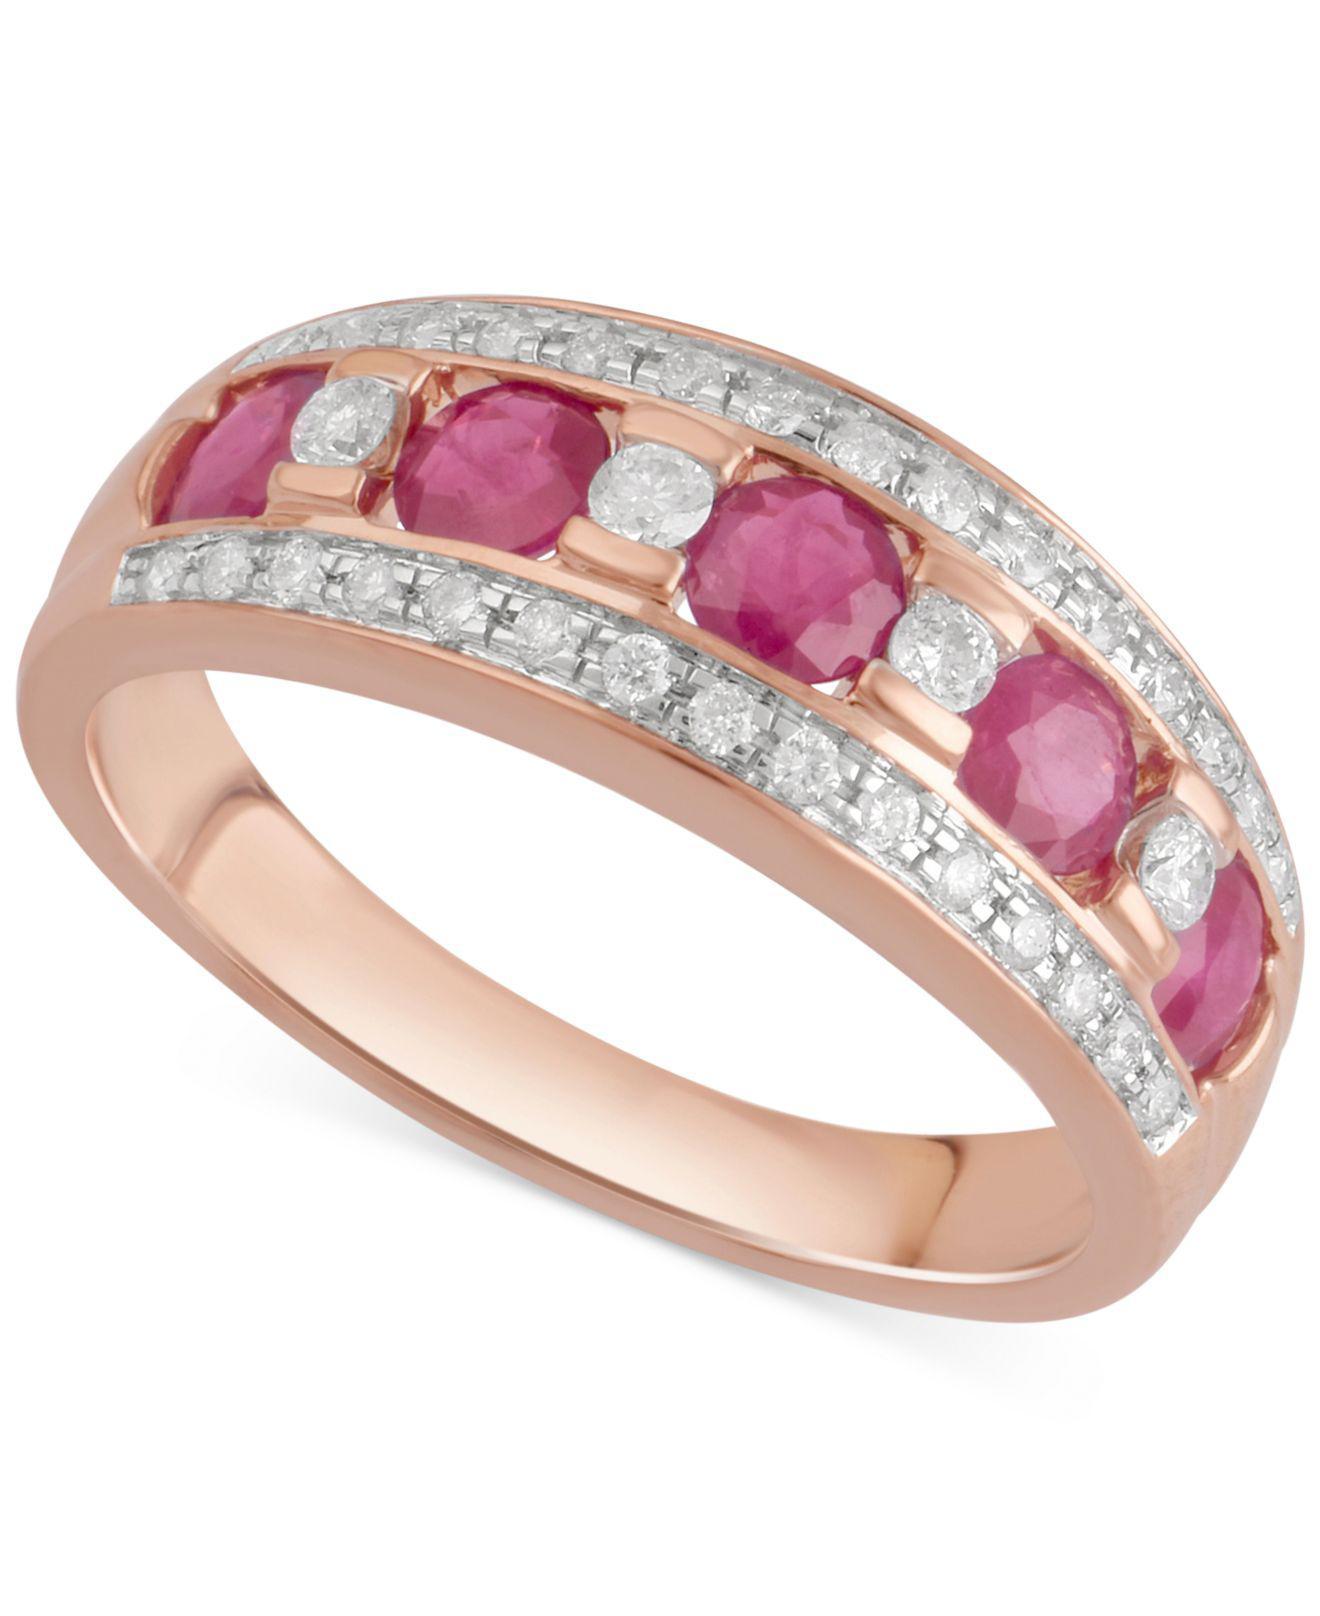 69a6d3fdb Lyst - Macy's Sapphire (3/4 Ct. T.w.) & Diamond (1/4 Ct. T.w.) Ring ...